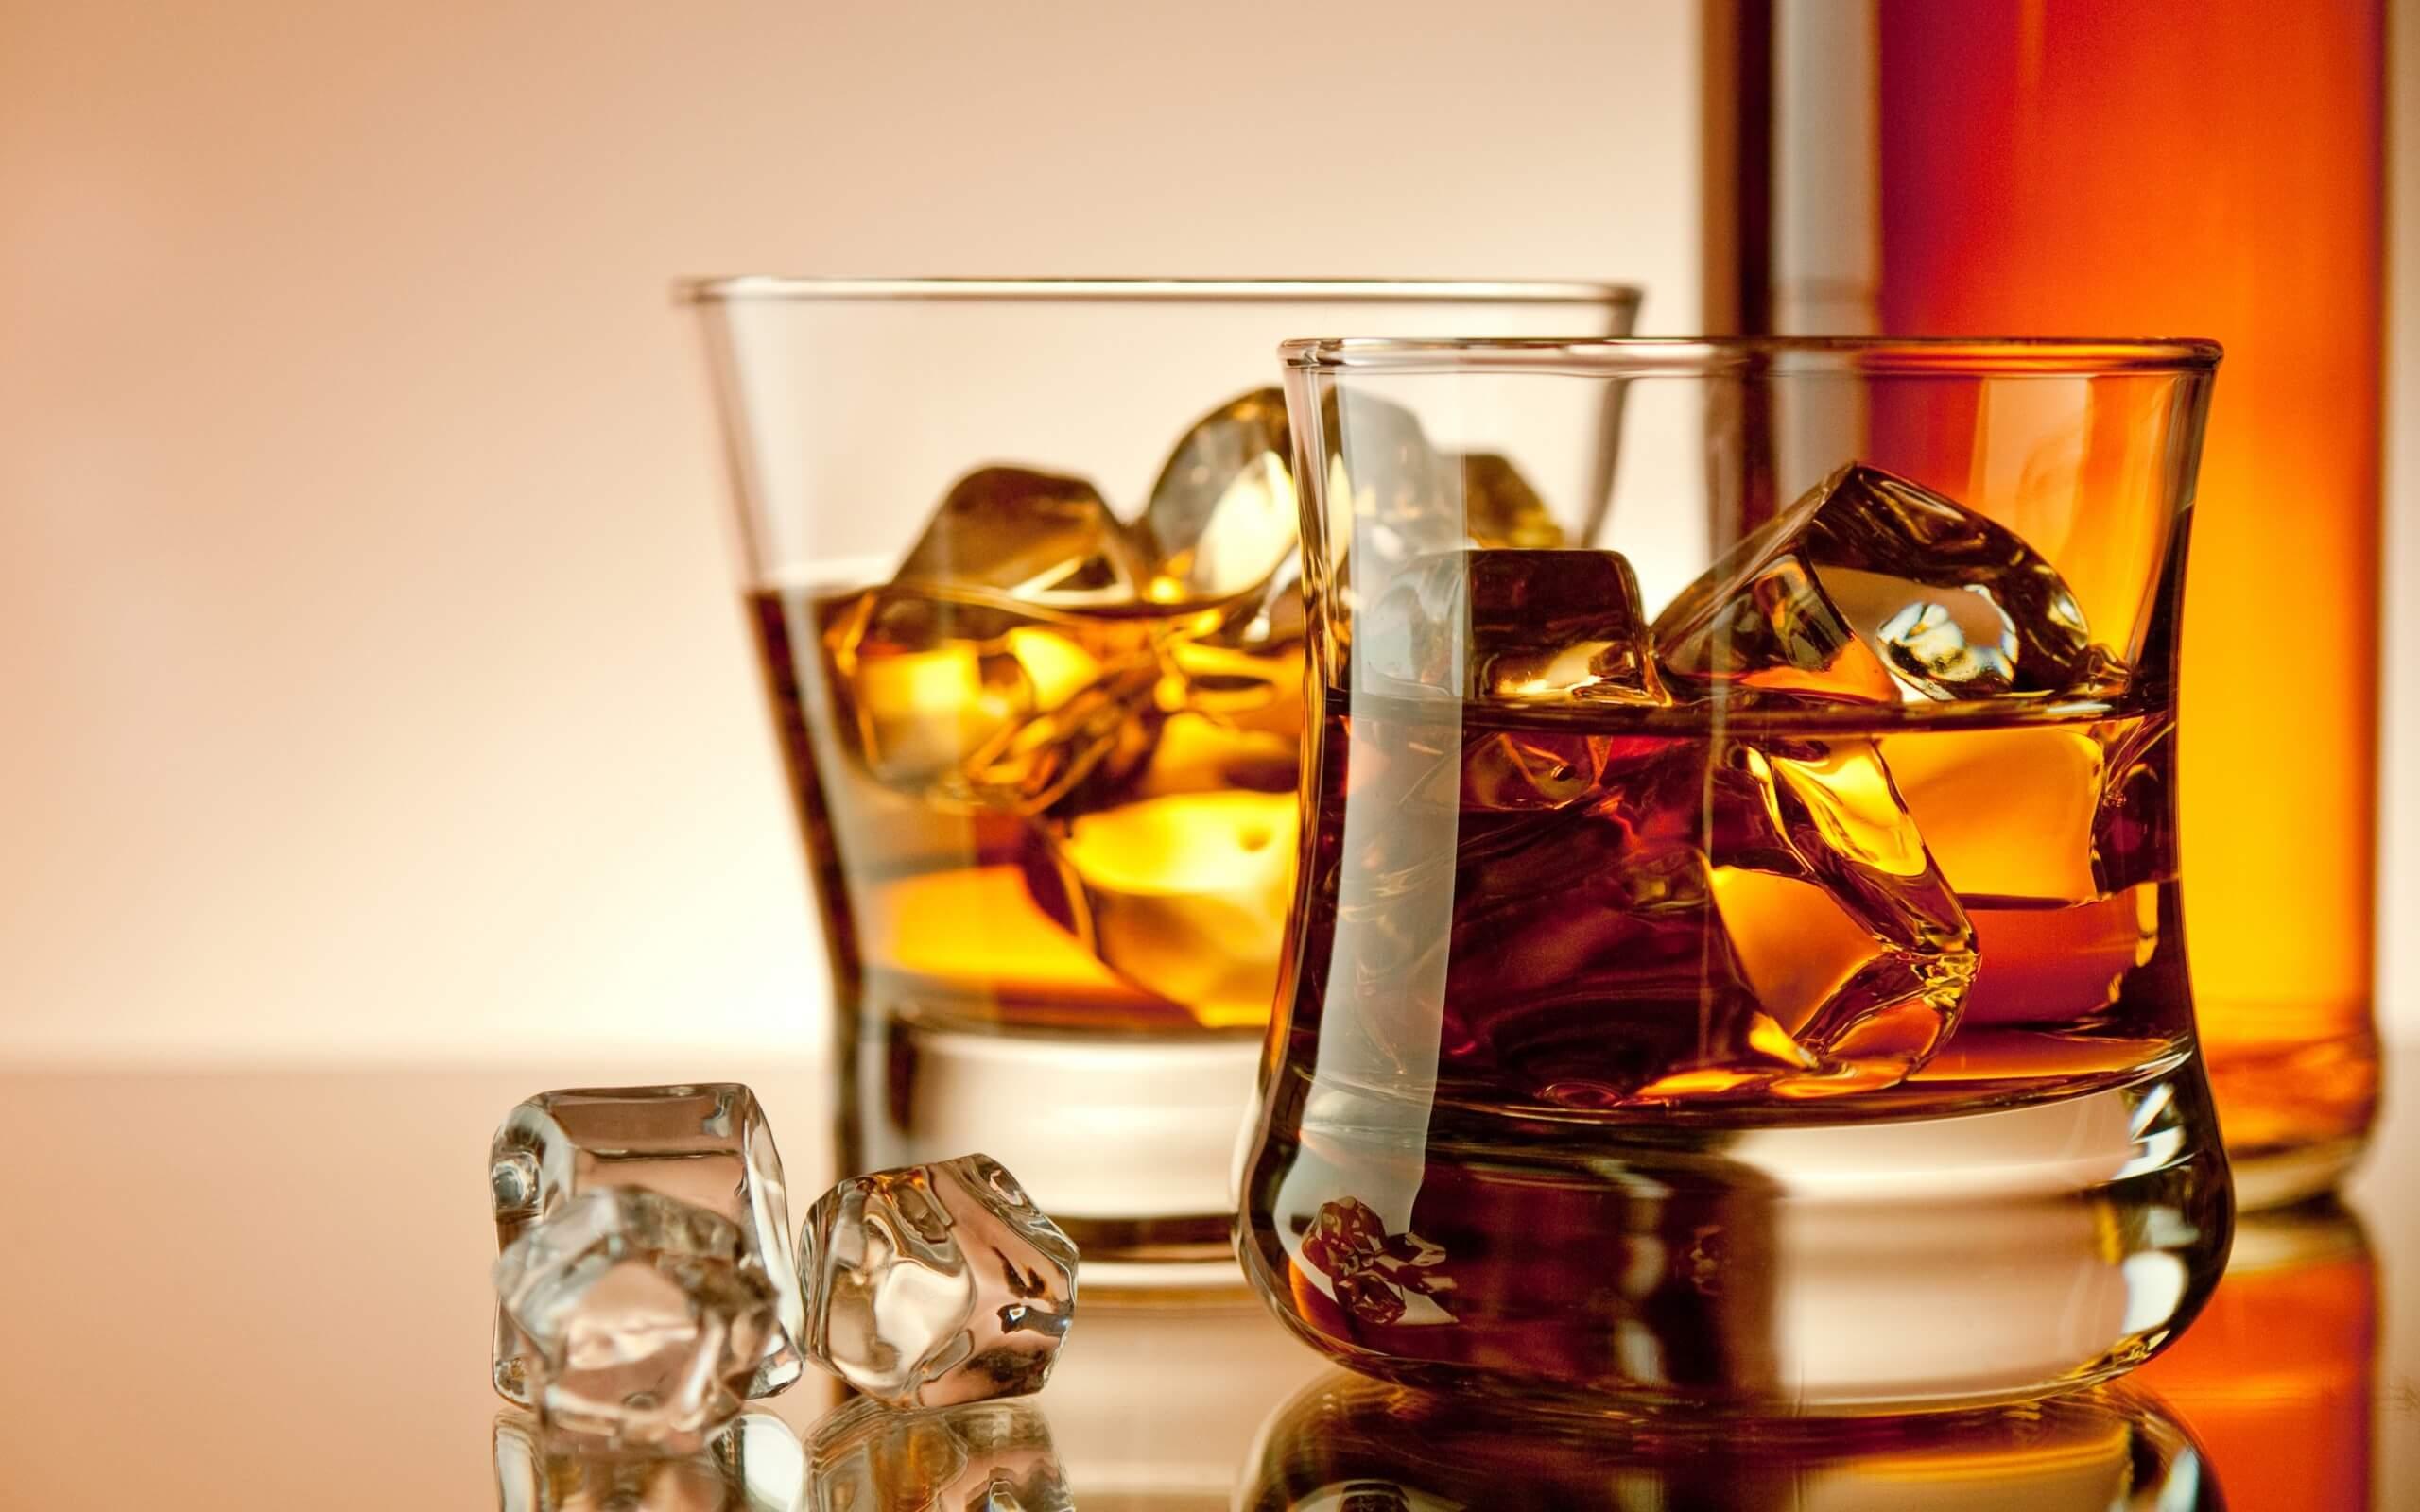 Виски способен очищать воду от ядов